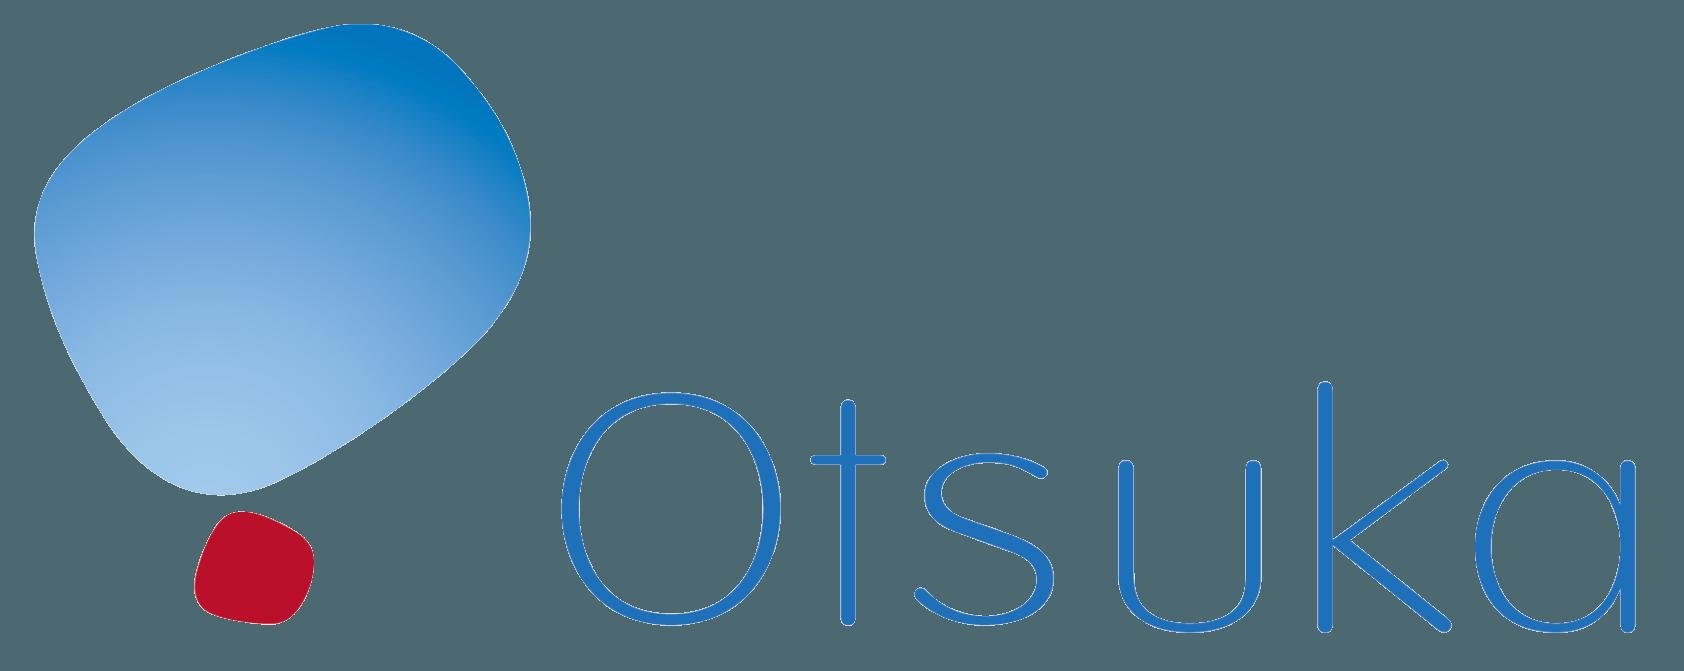 Otsuka Holdings Co Ltd Logo png